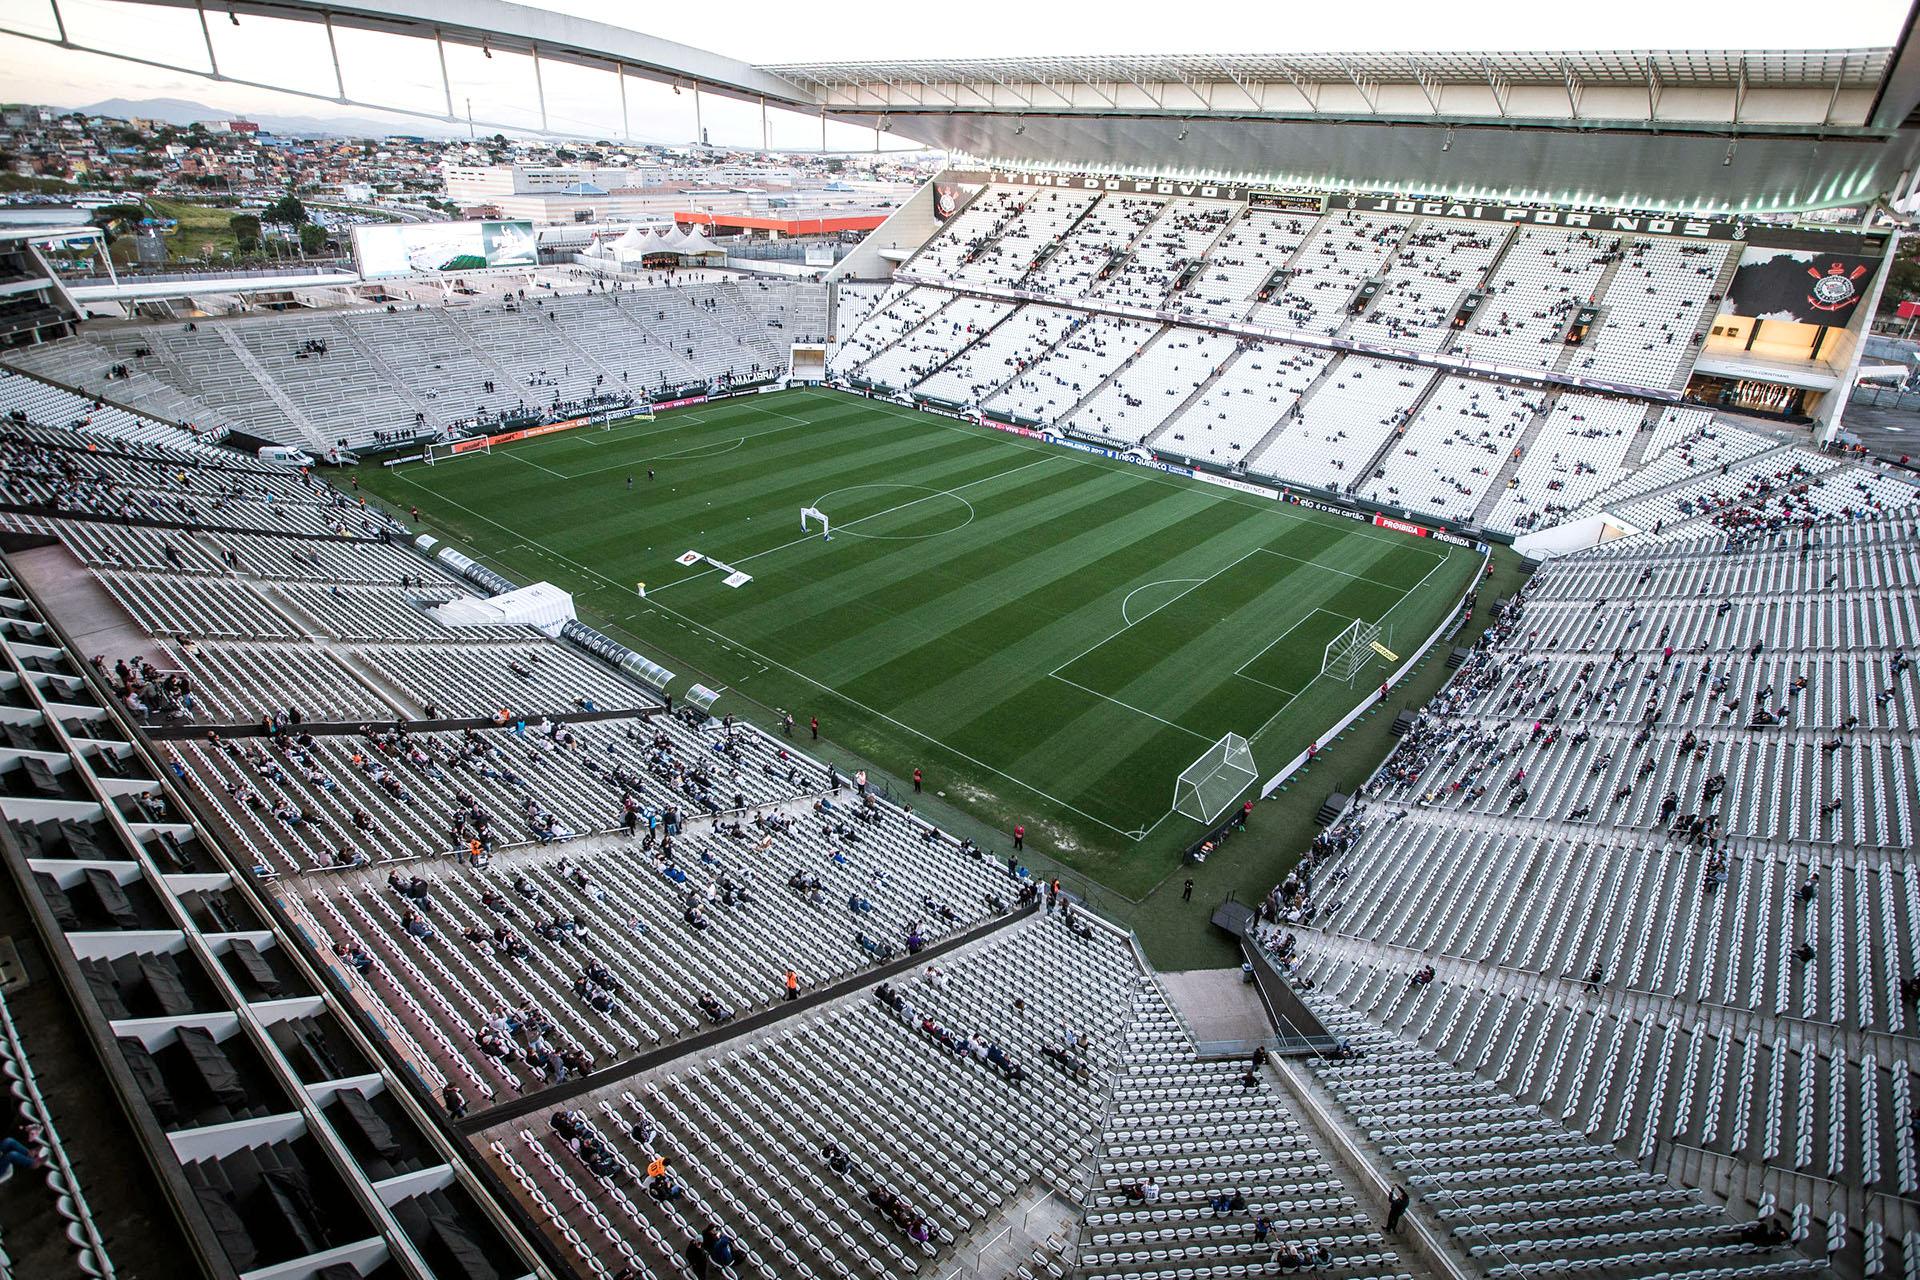 """Arena Corinthians, popularmente conhecida como """"Itaquerão""""."""